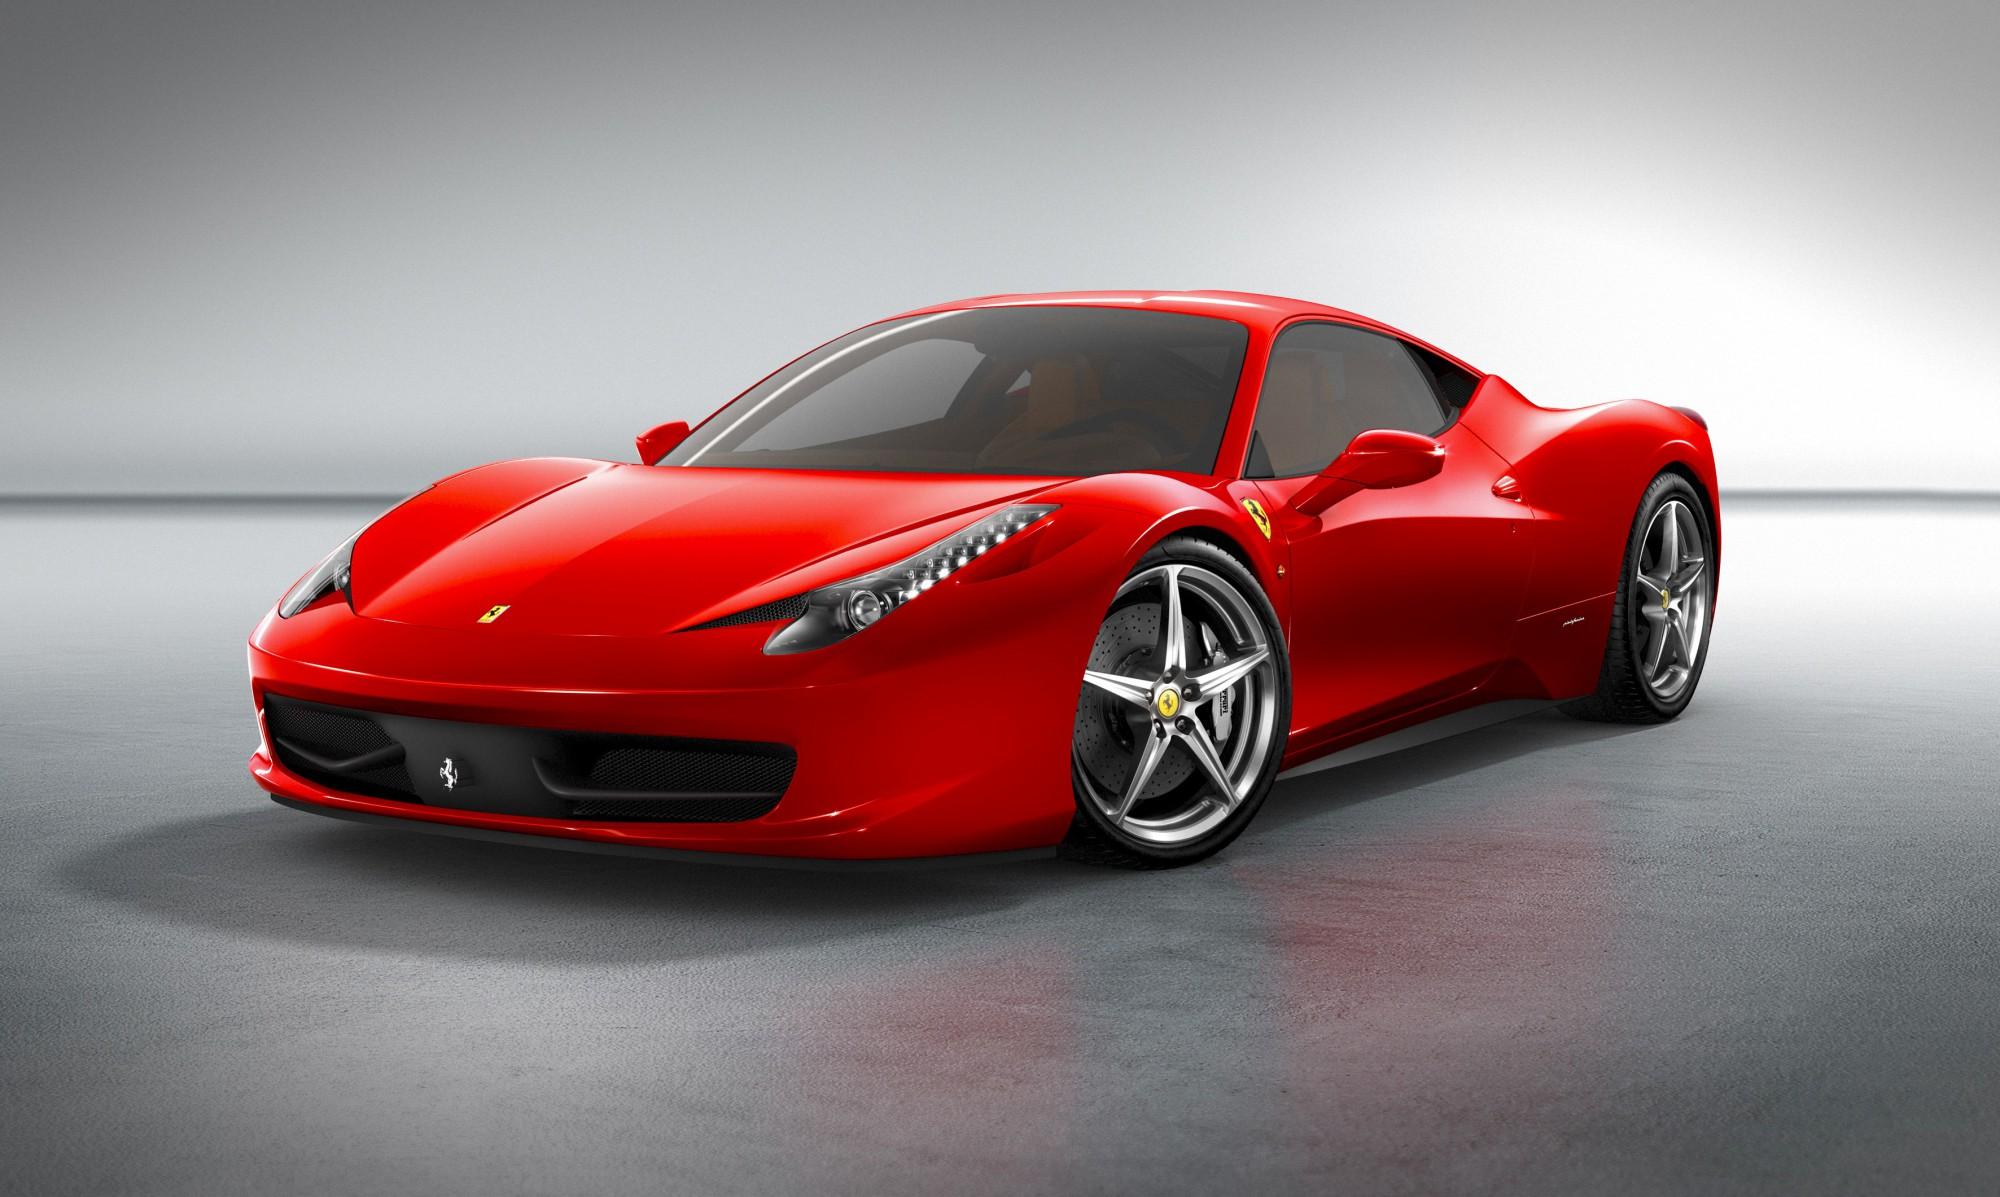 Voiture Coloriage Ferrari F450 à Imprimer Et Colorier